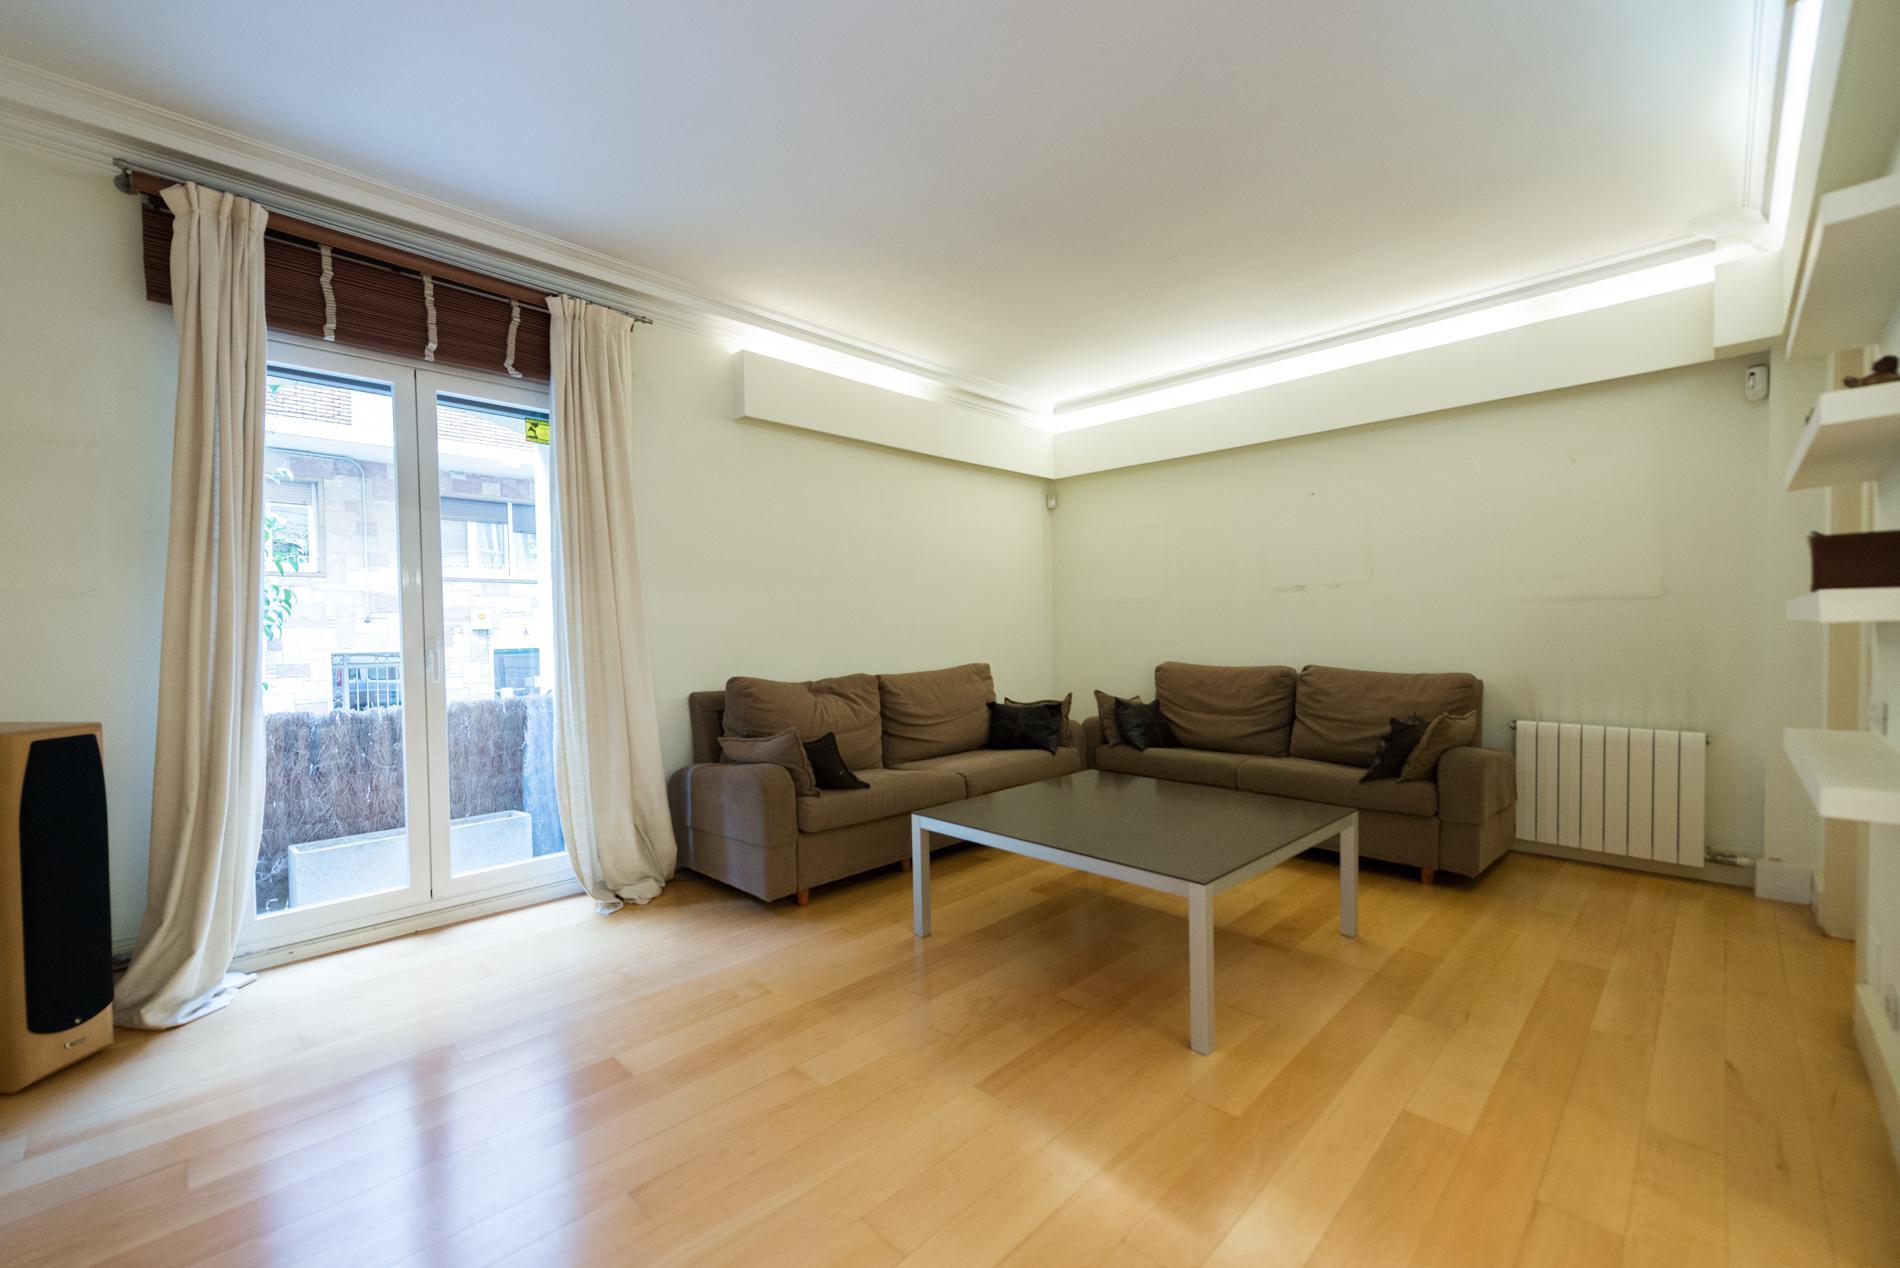 247761 Ground Floor for sale in Sarrià-Sant Gervasi, St. Gervasi-Bonanova 1